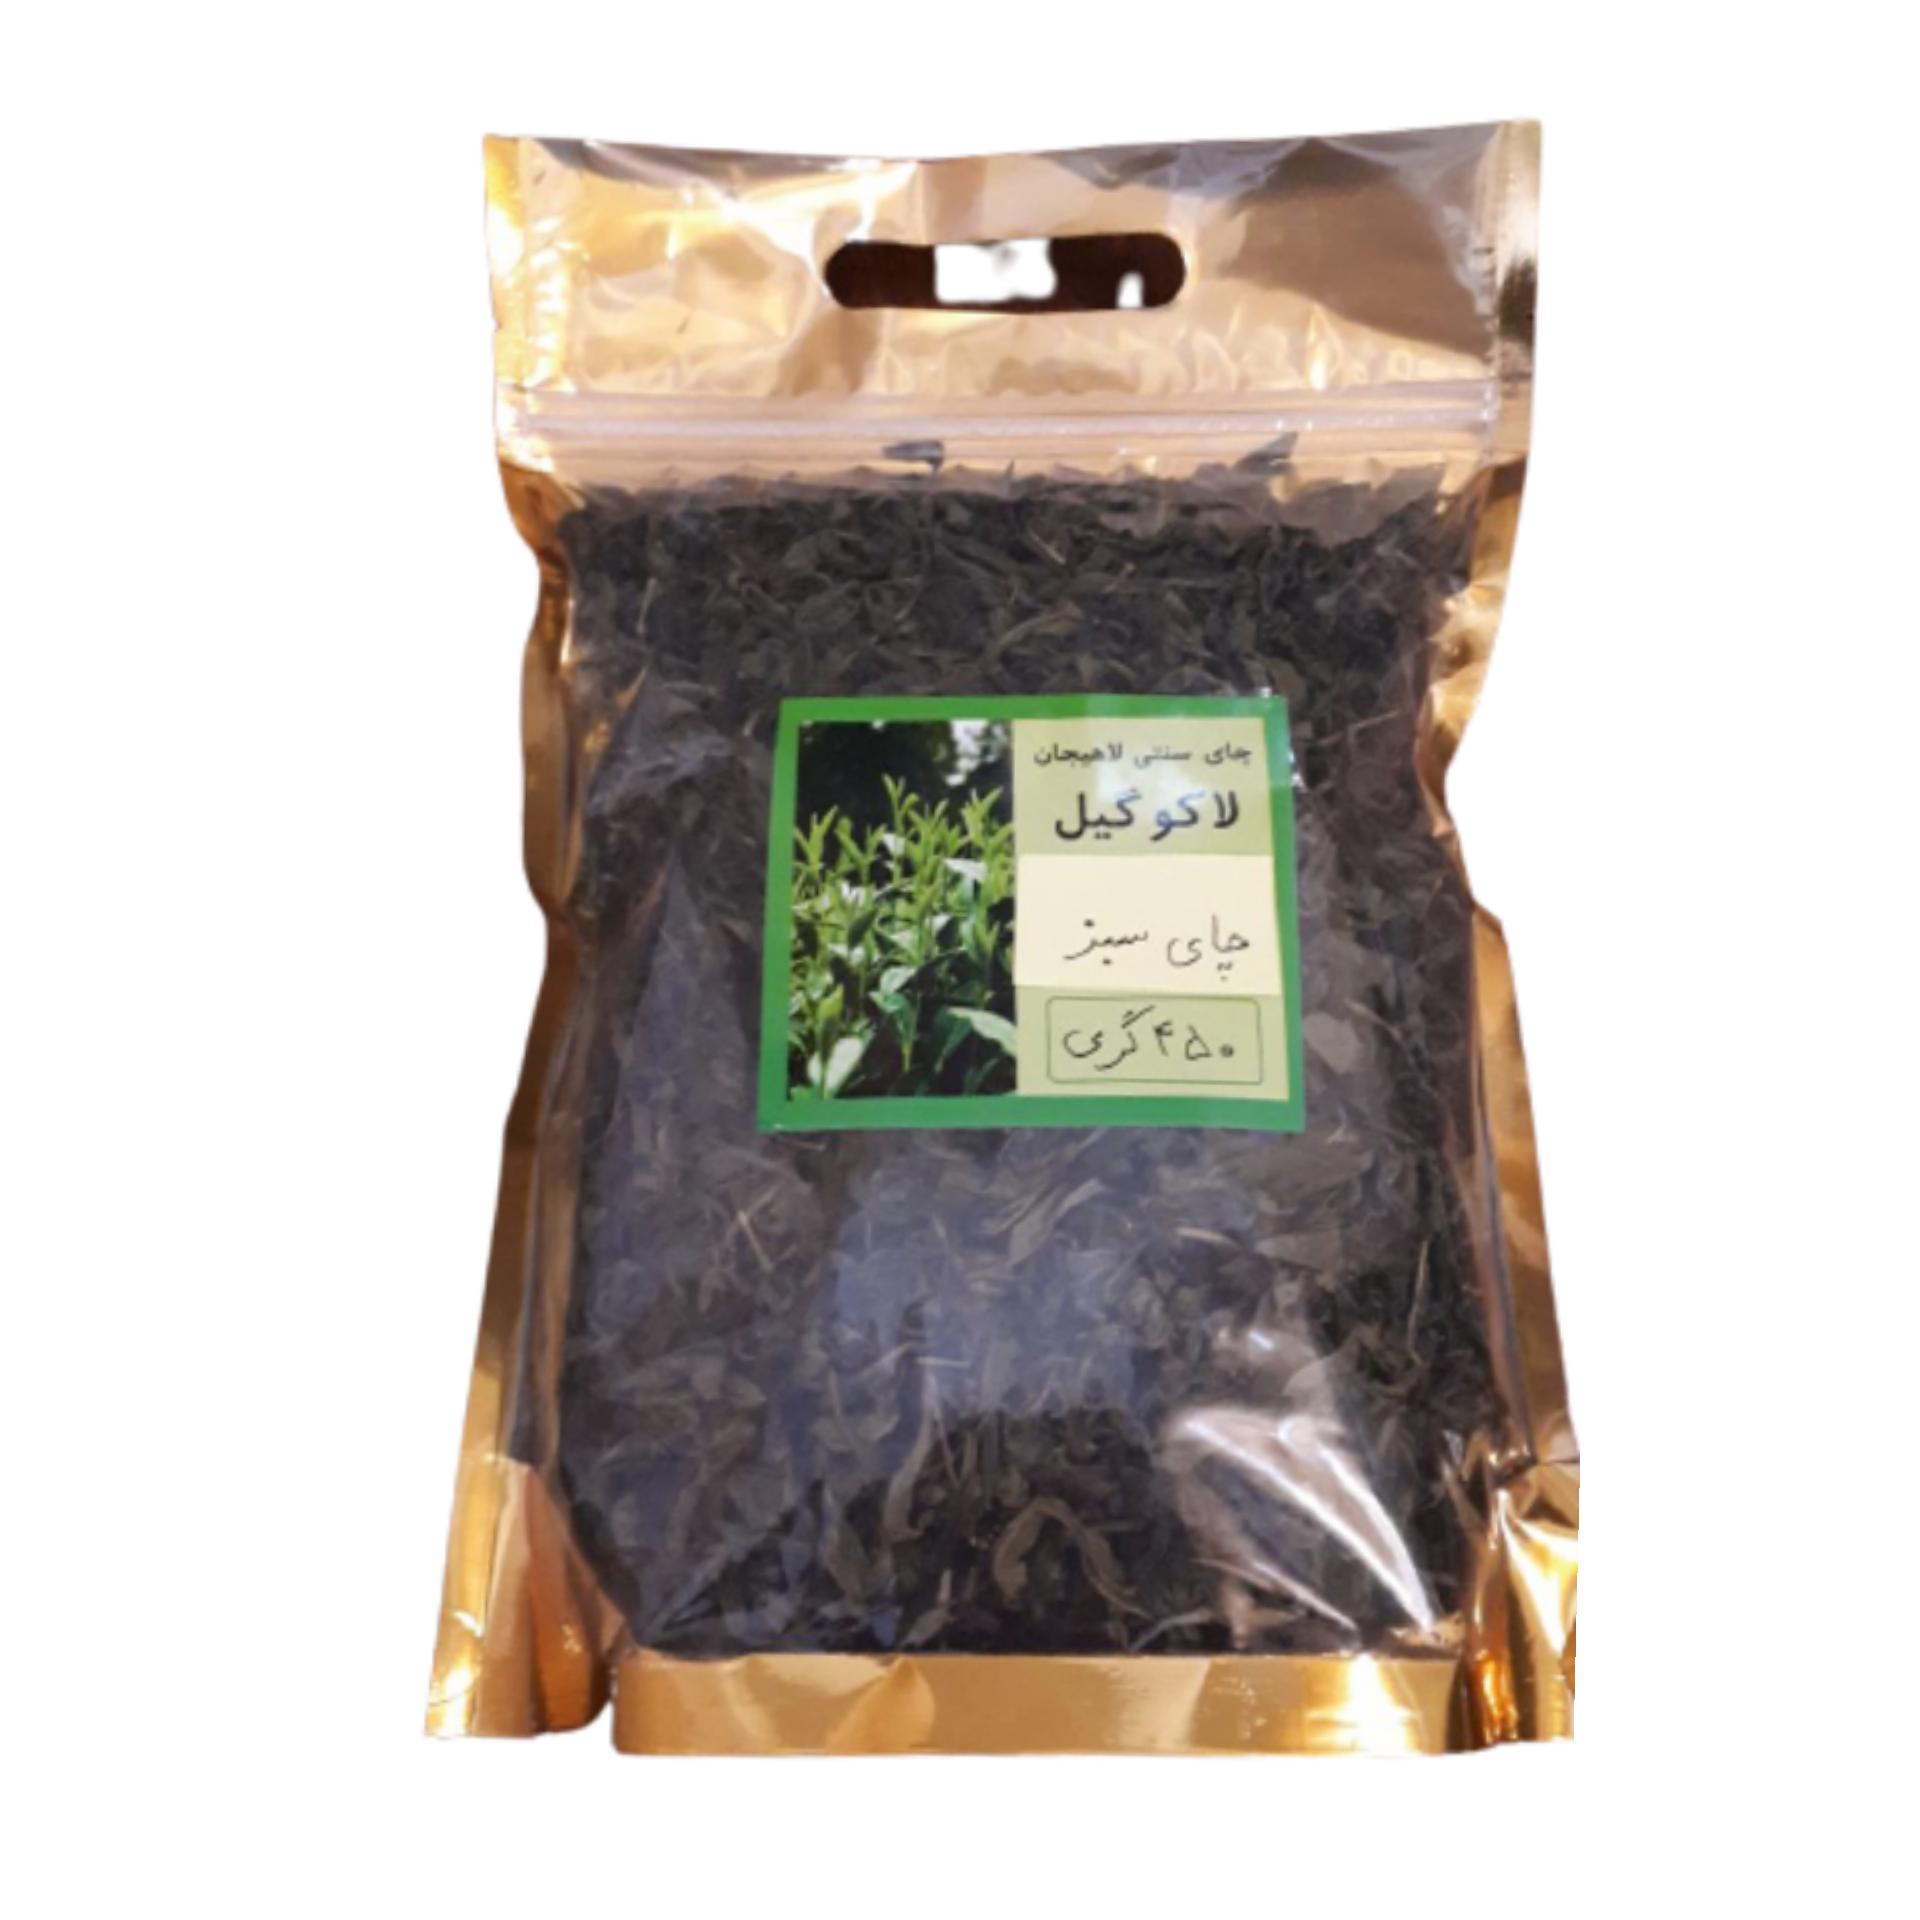 چای سبز لاهیجان لاکوگیل - 450 گرم